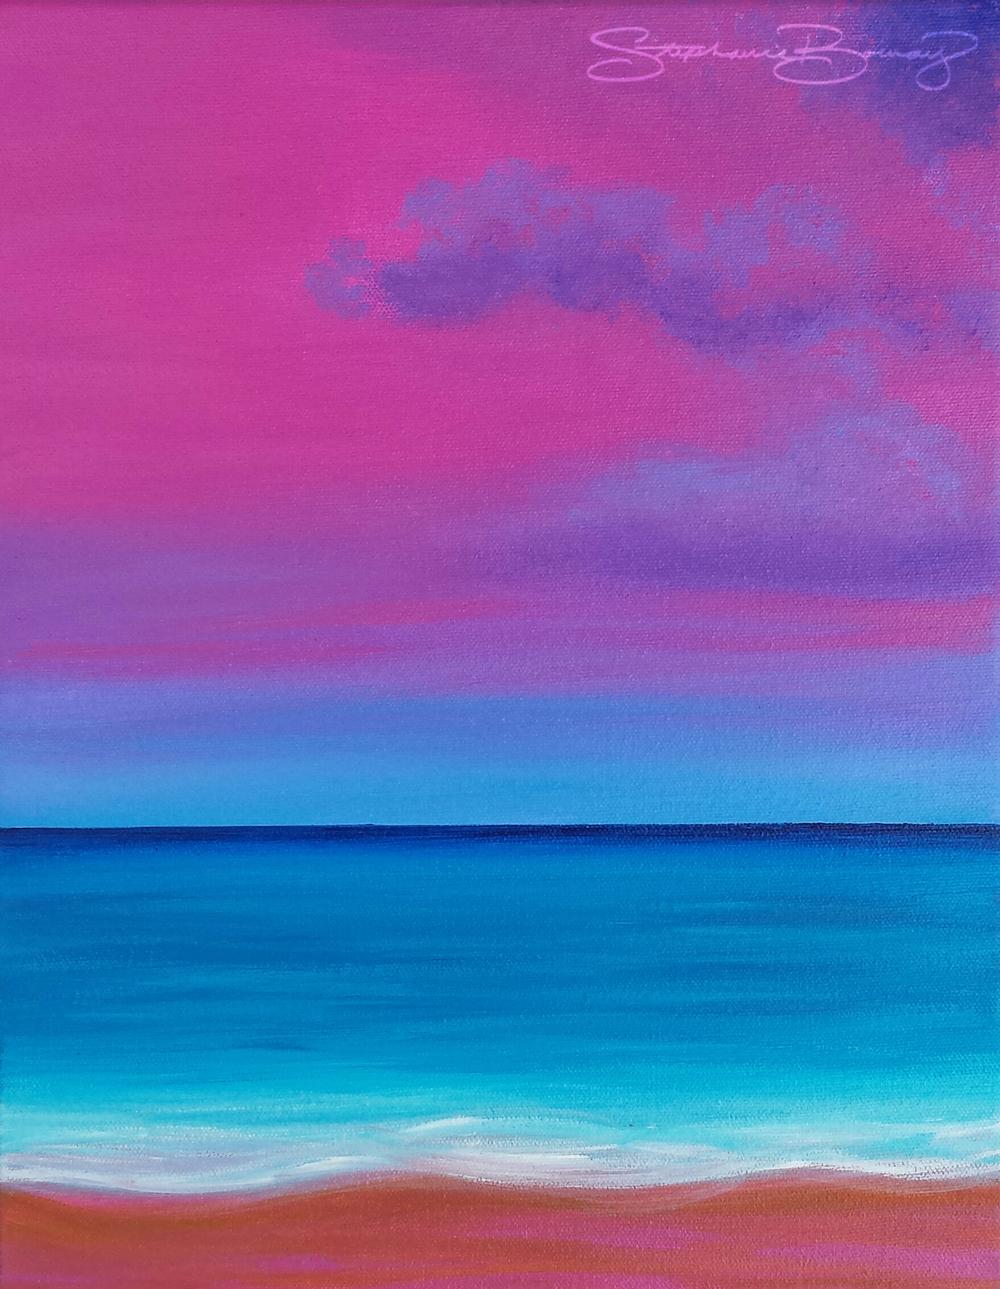 CHAILOH'S BEACH